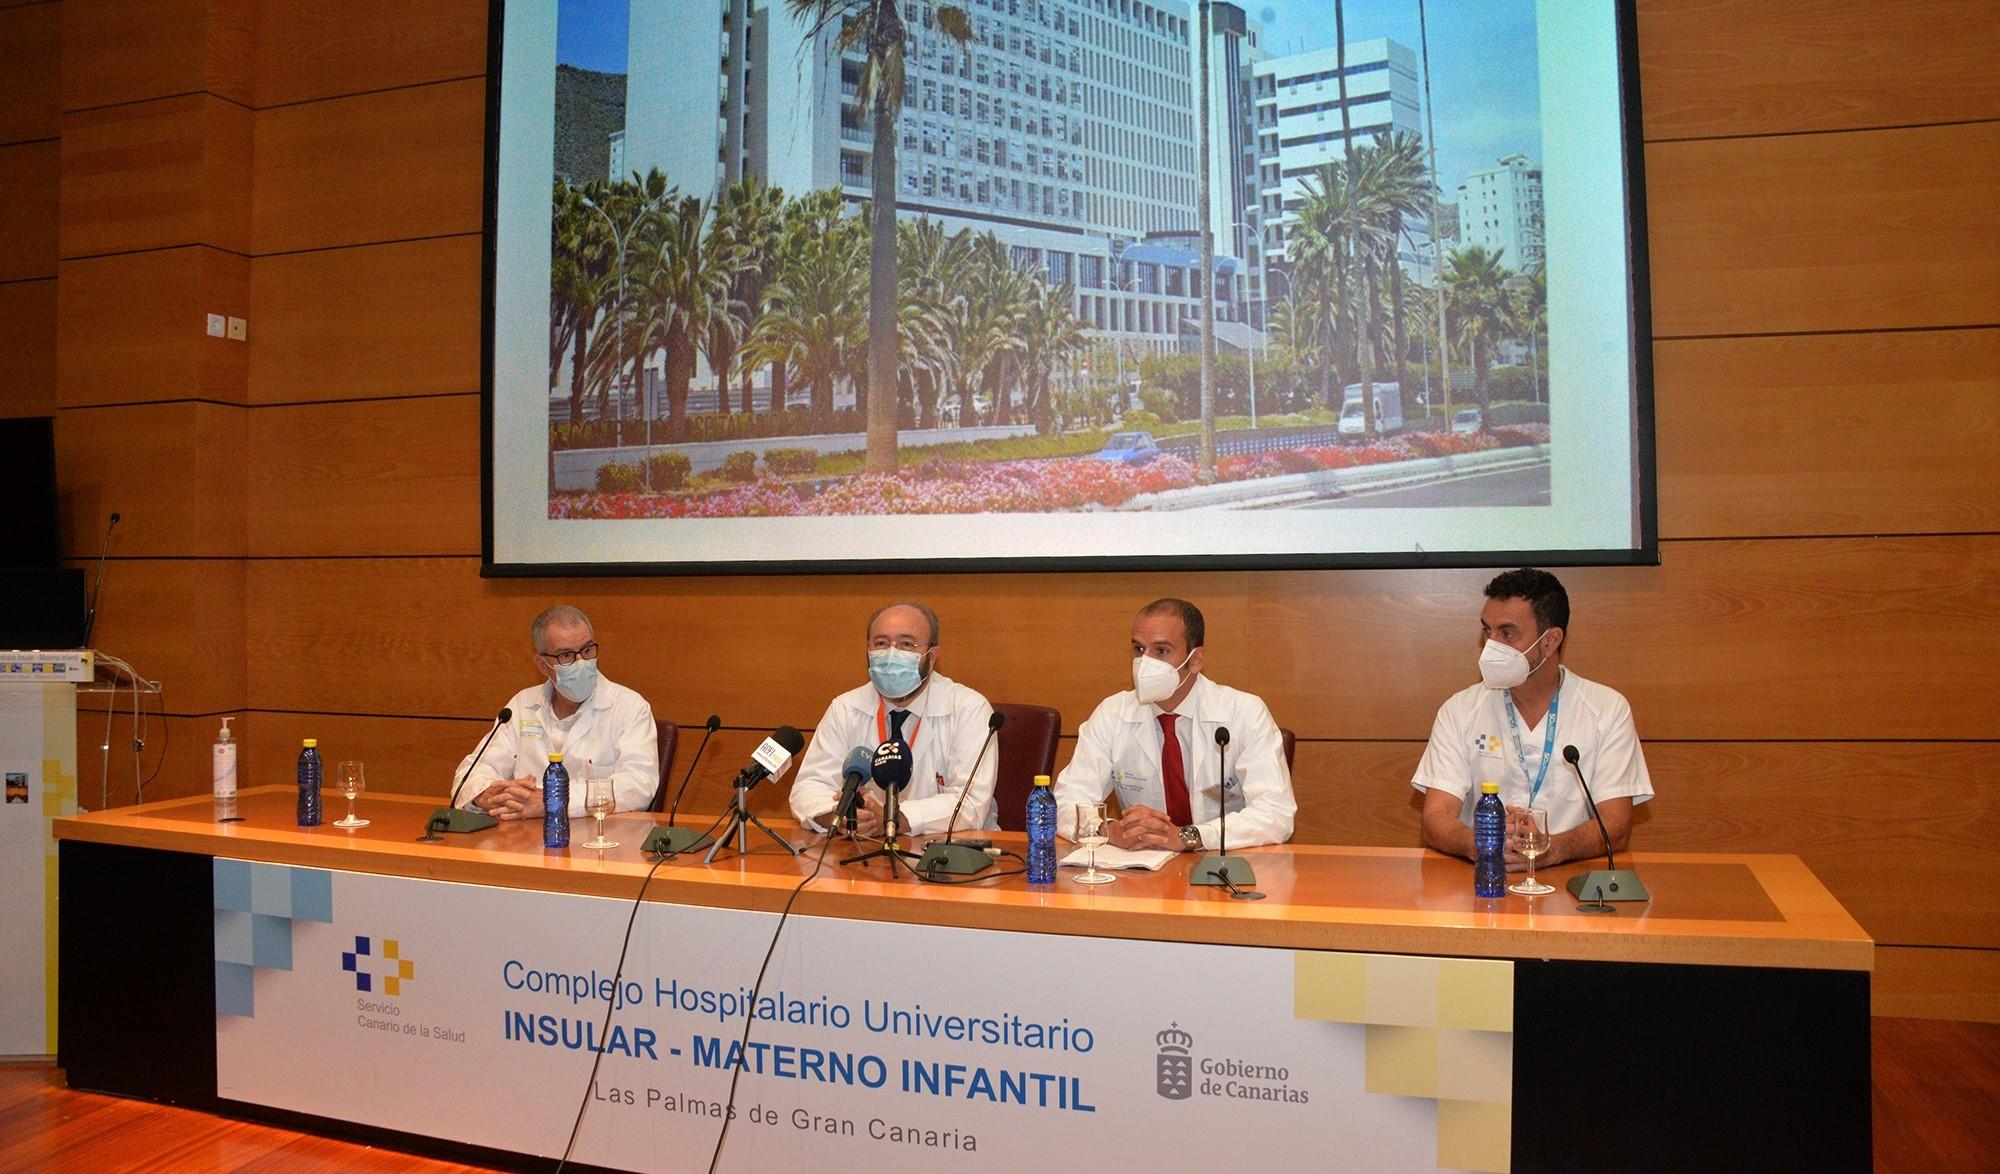 El Hospital Universitario Insular de Gran Canaria supera los 600 trasplantes renales / CanariasNoticias.es